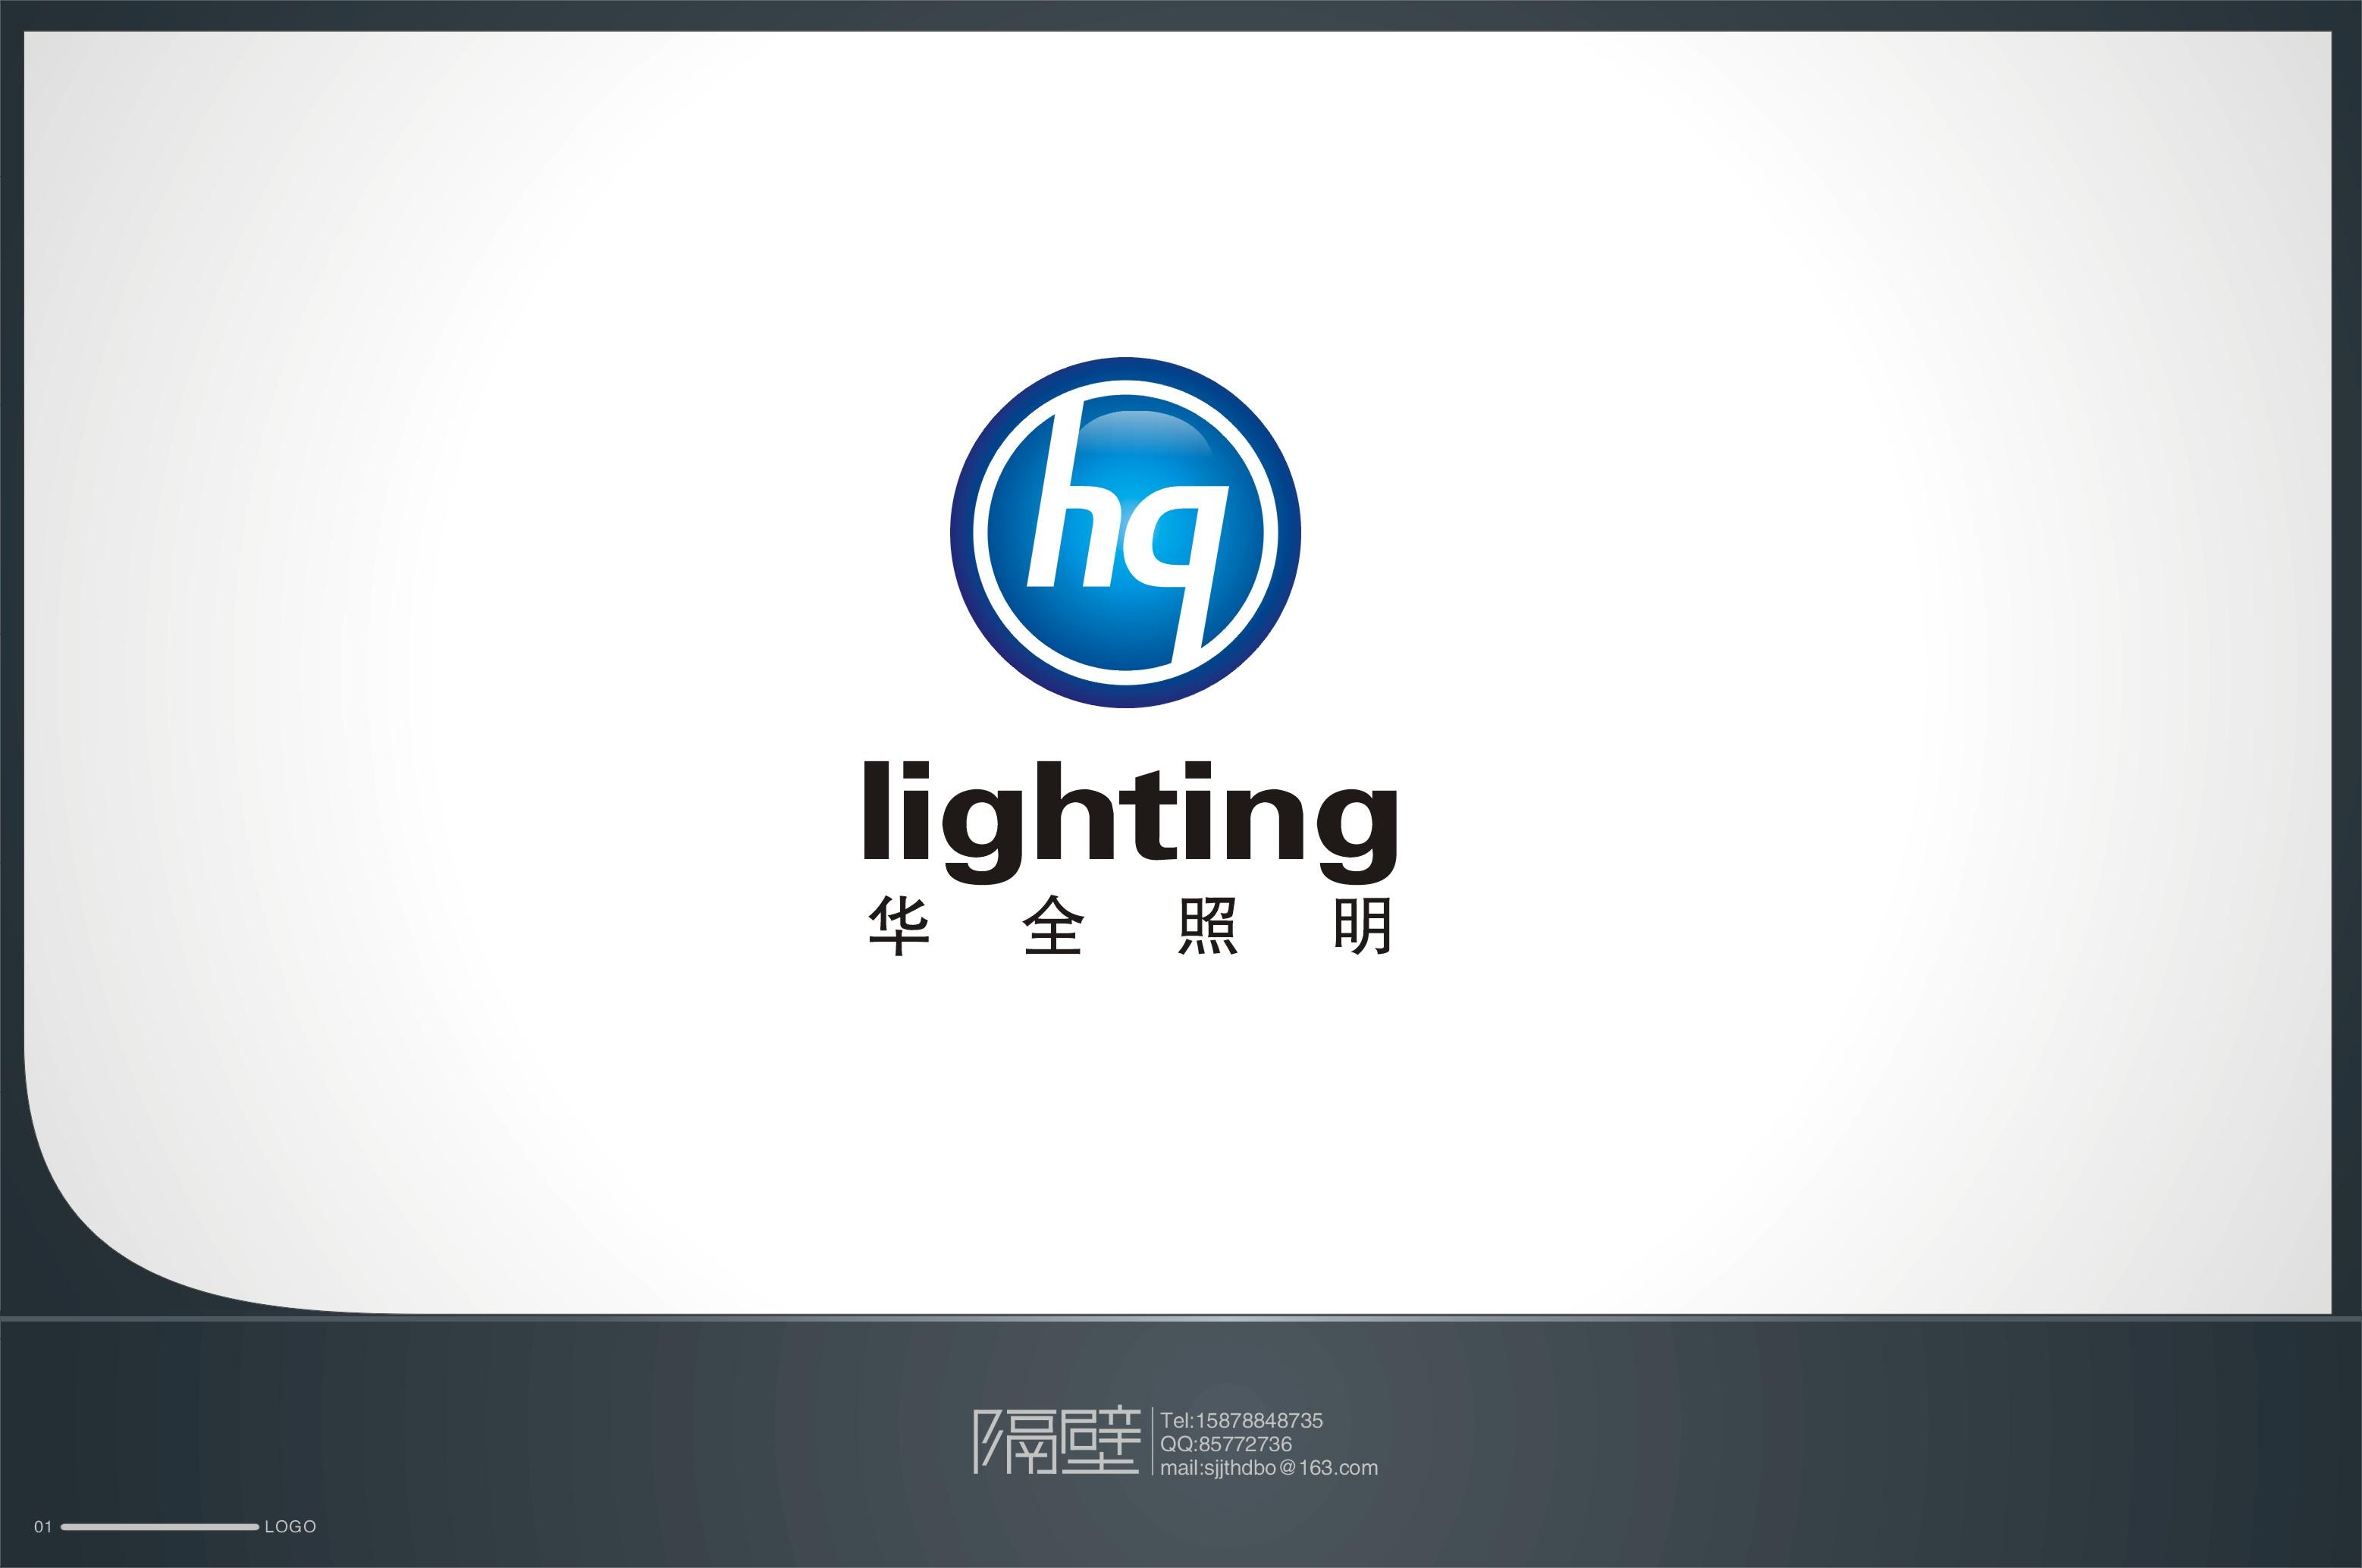 照明公司logo设计和应用设计